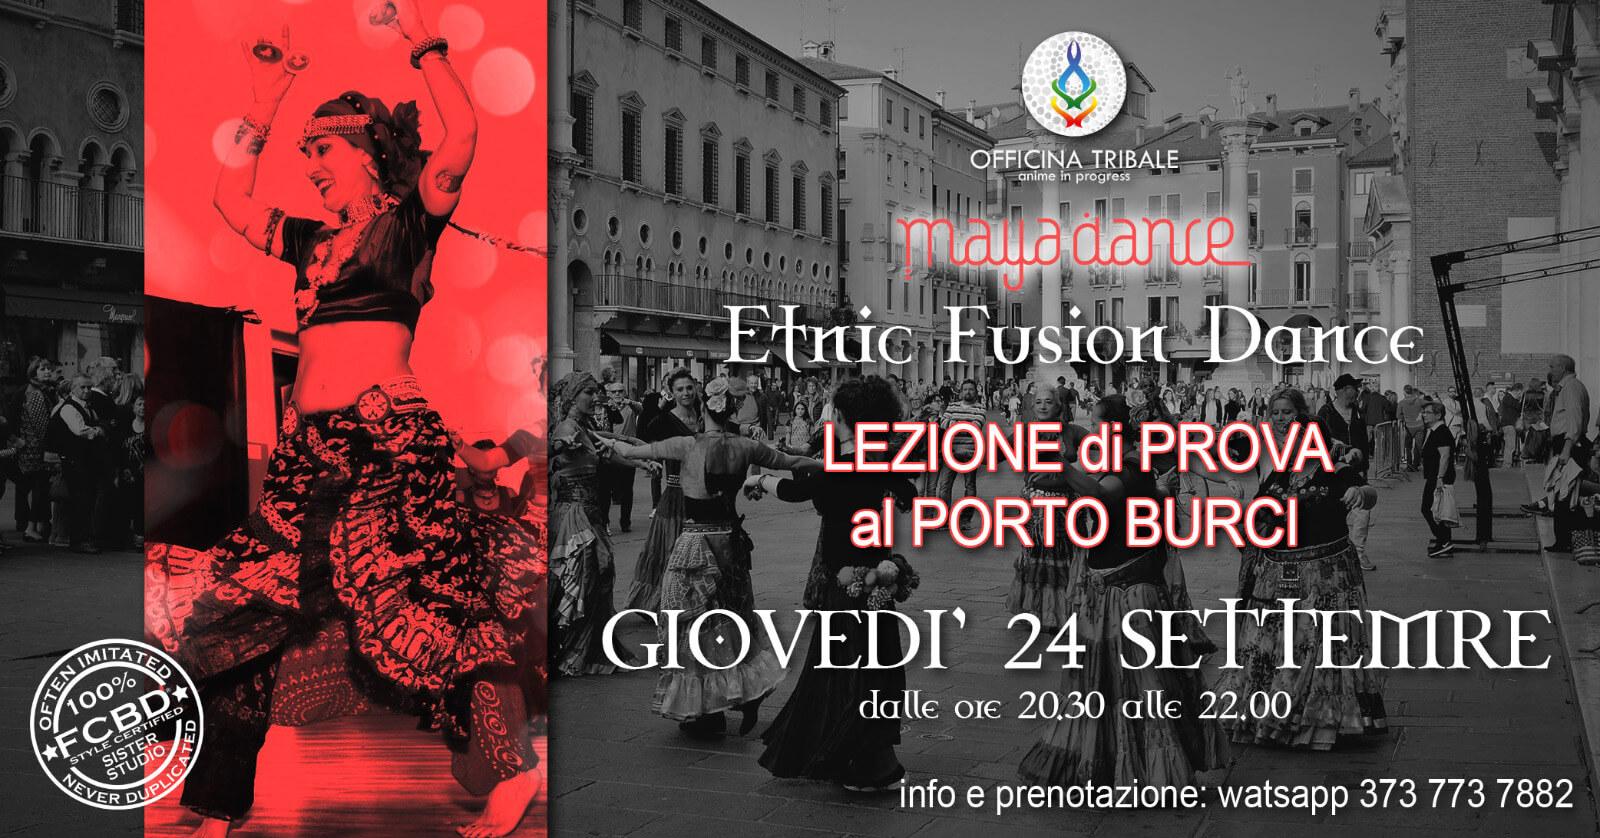 ETNIC FUSION DANCE dal 24 settembre nuovo corso a Vicenza e Thiene!